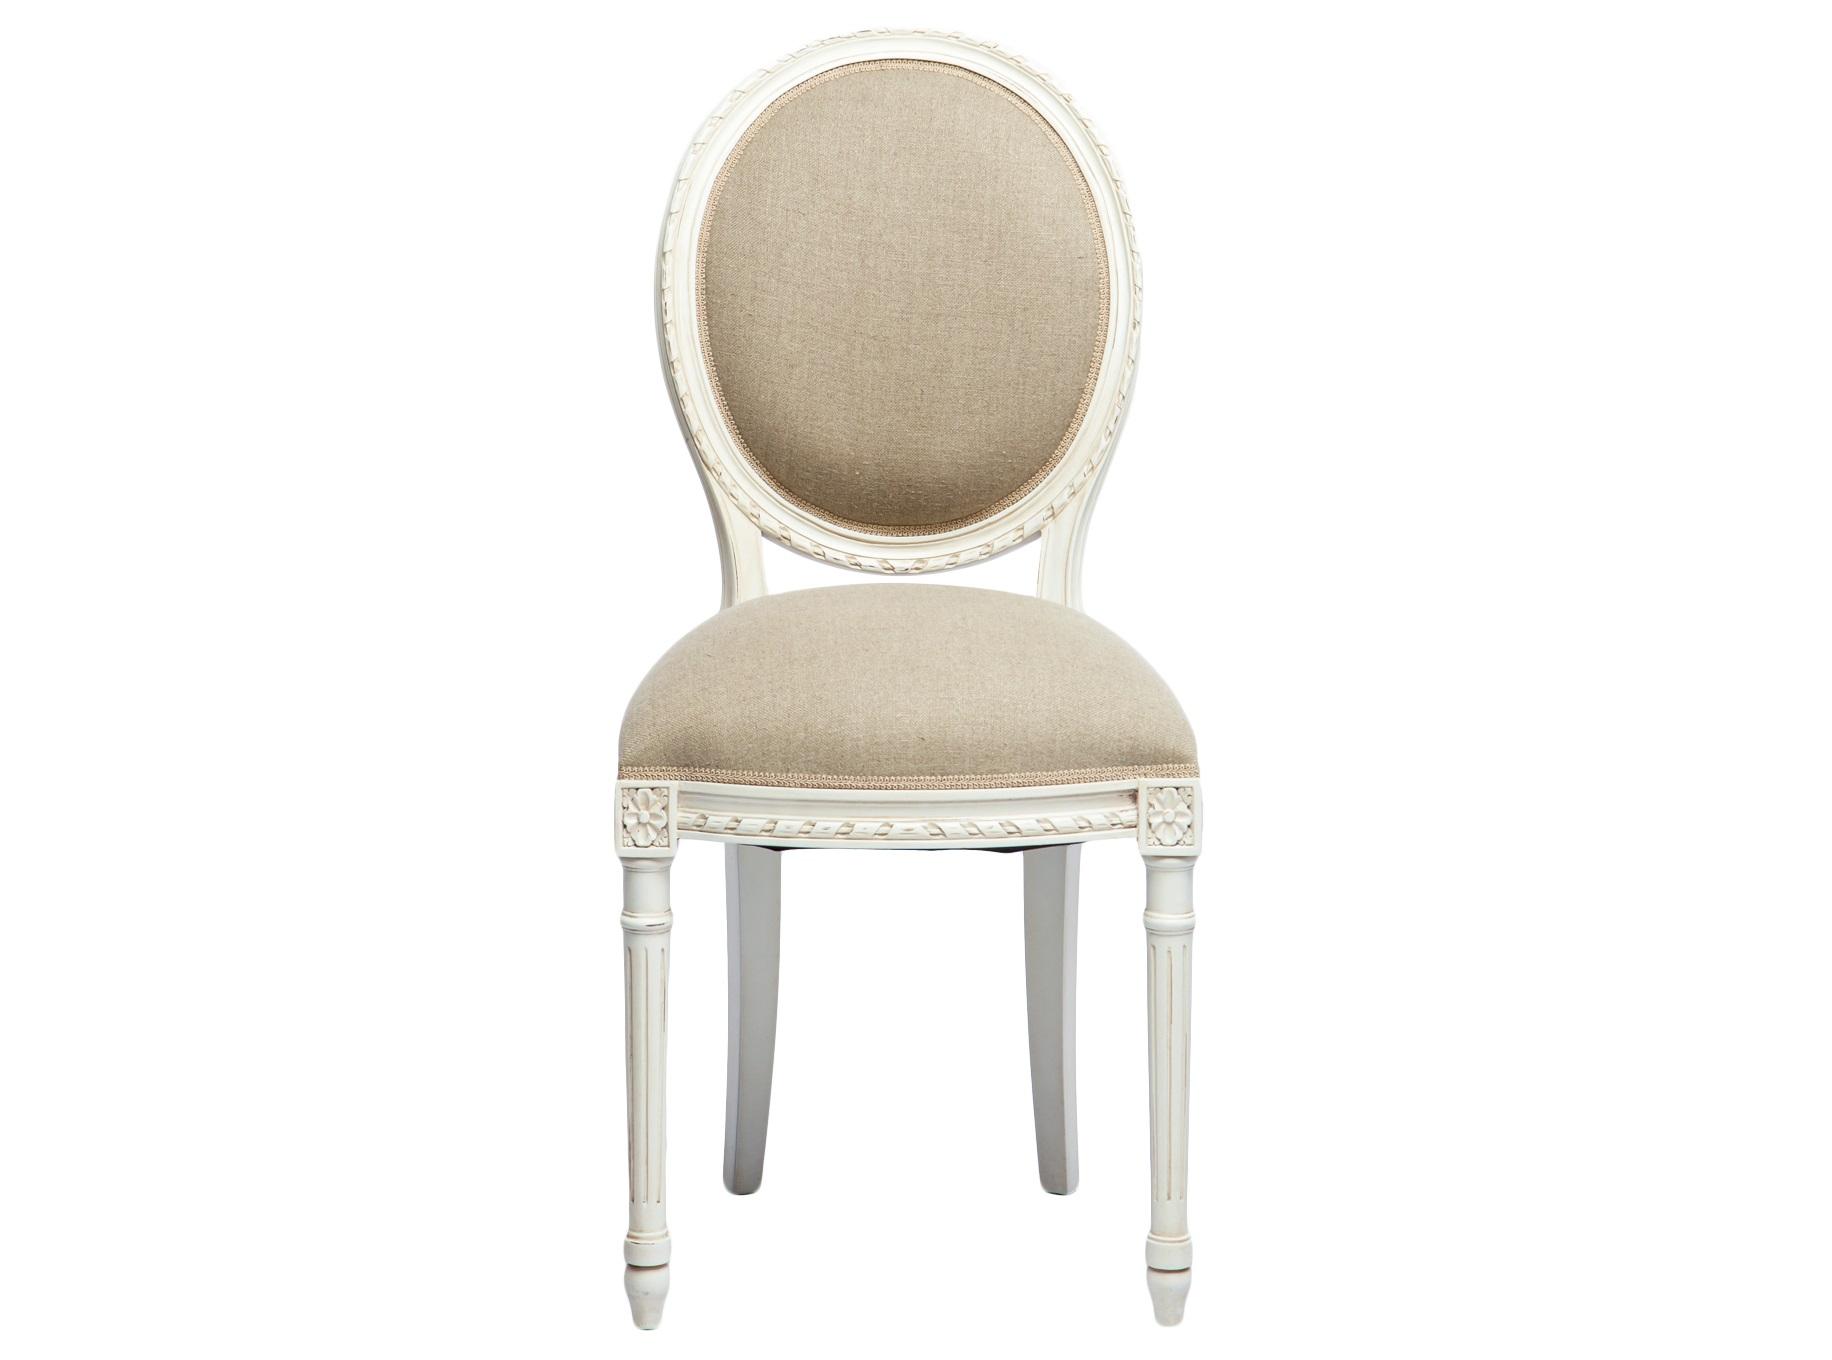 СтулОбеденные стулья<br>Стул из дерева махагони с мягкой спинкой-медальон, украшен резьбой и патиной.<br><br>Material: Красное дерево<br>Width см: 45<br>Depth см: 45<br>Height см: 97